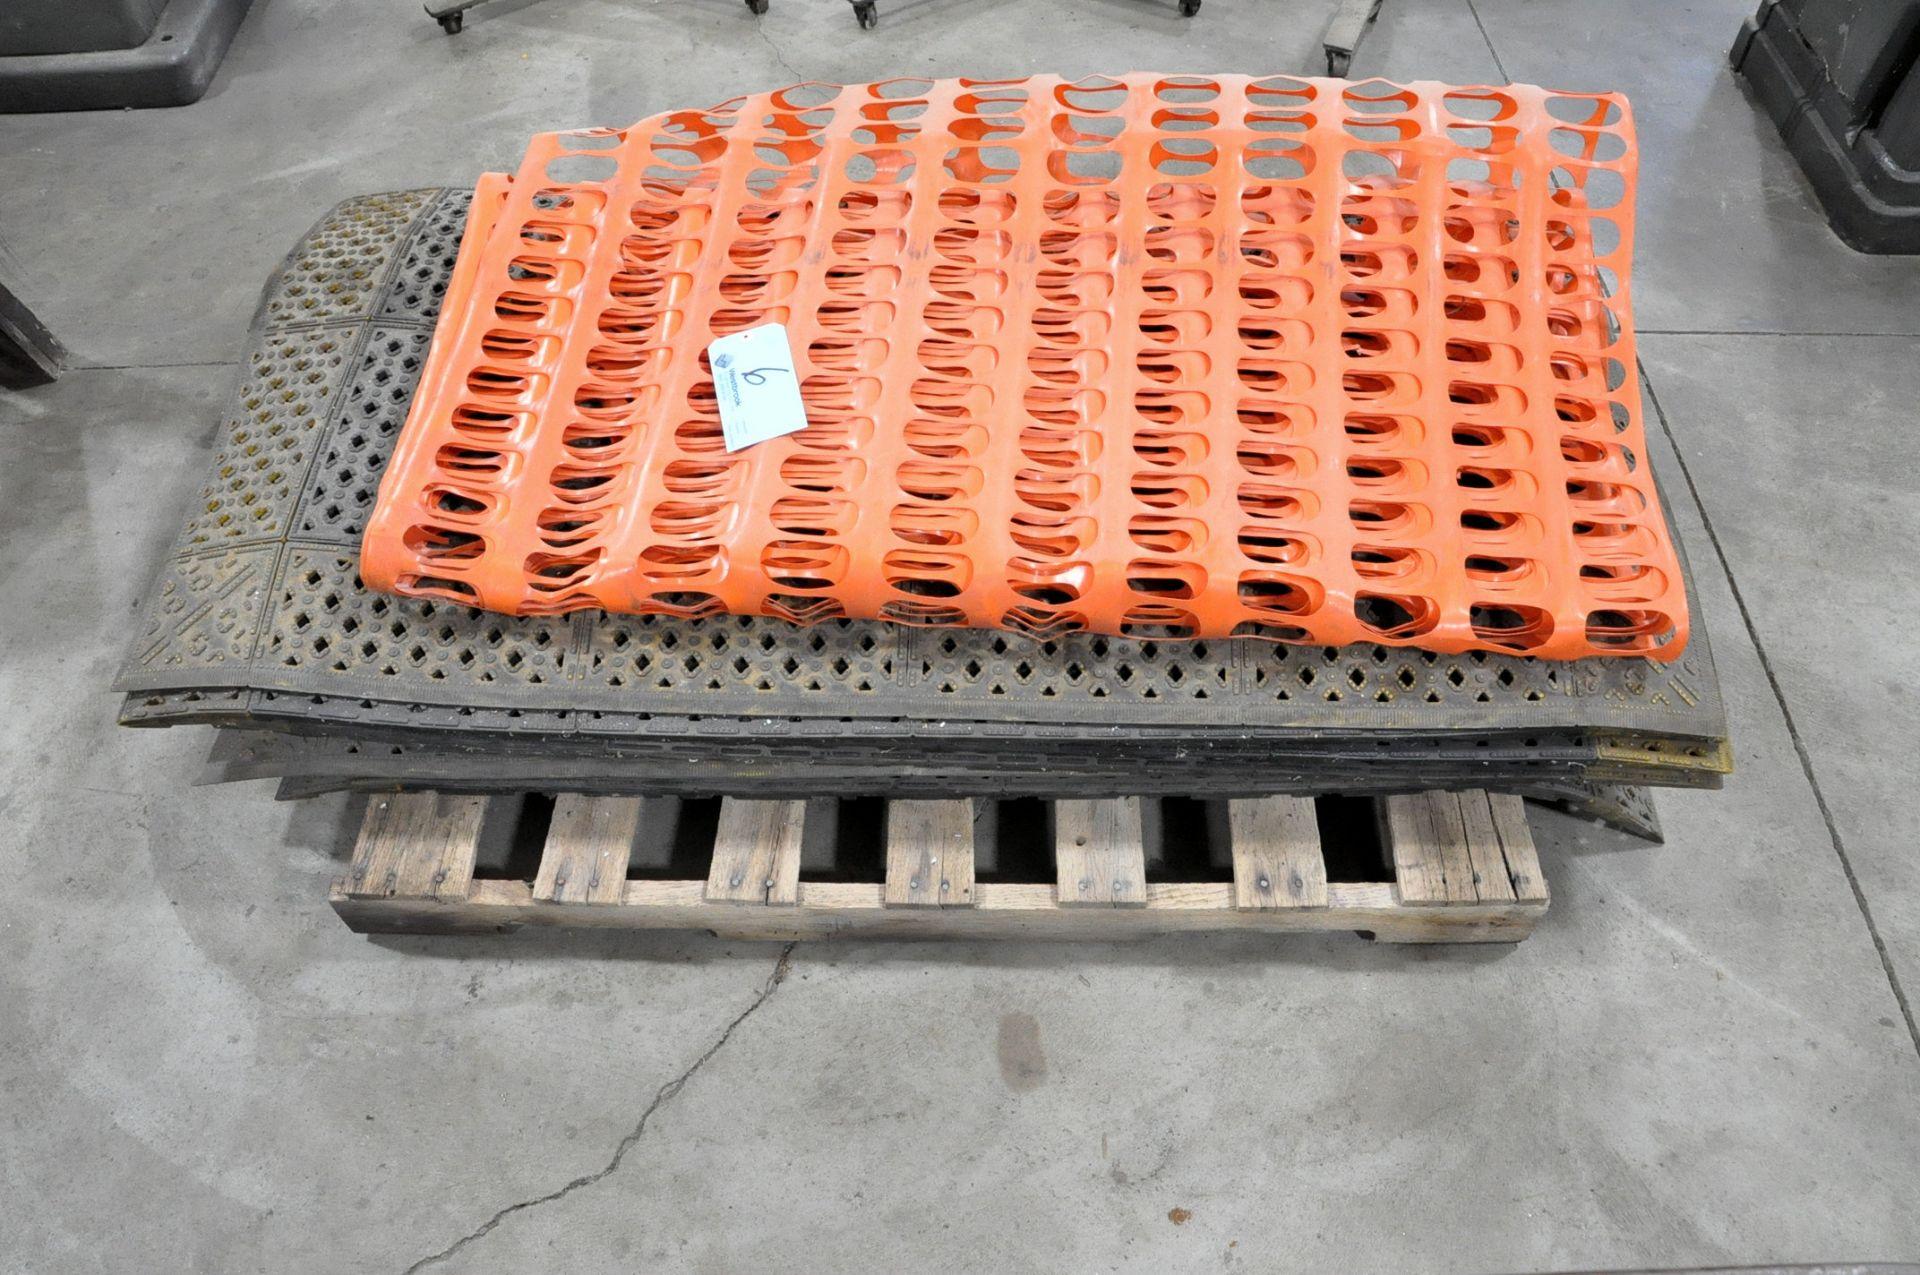 Lot-Rubber Floor Mats wth (2) Wood Saw Horses